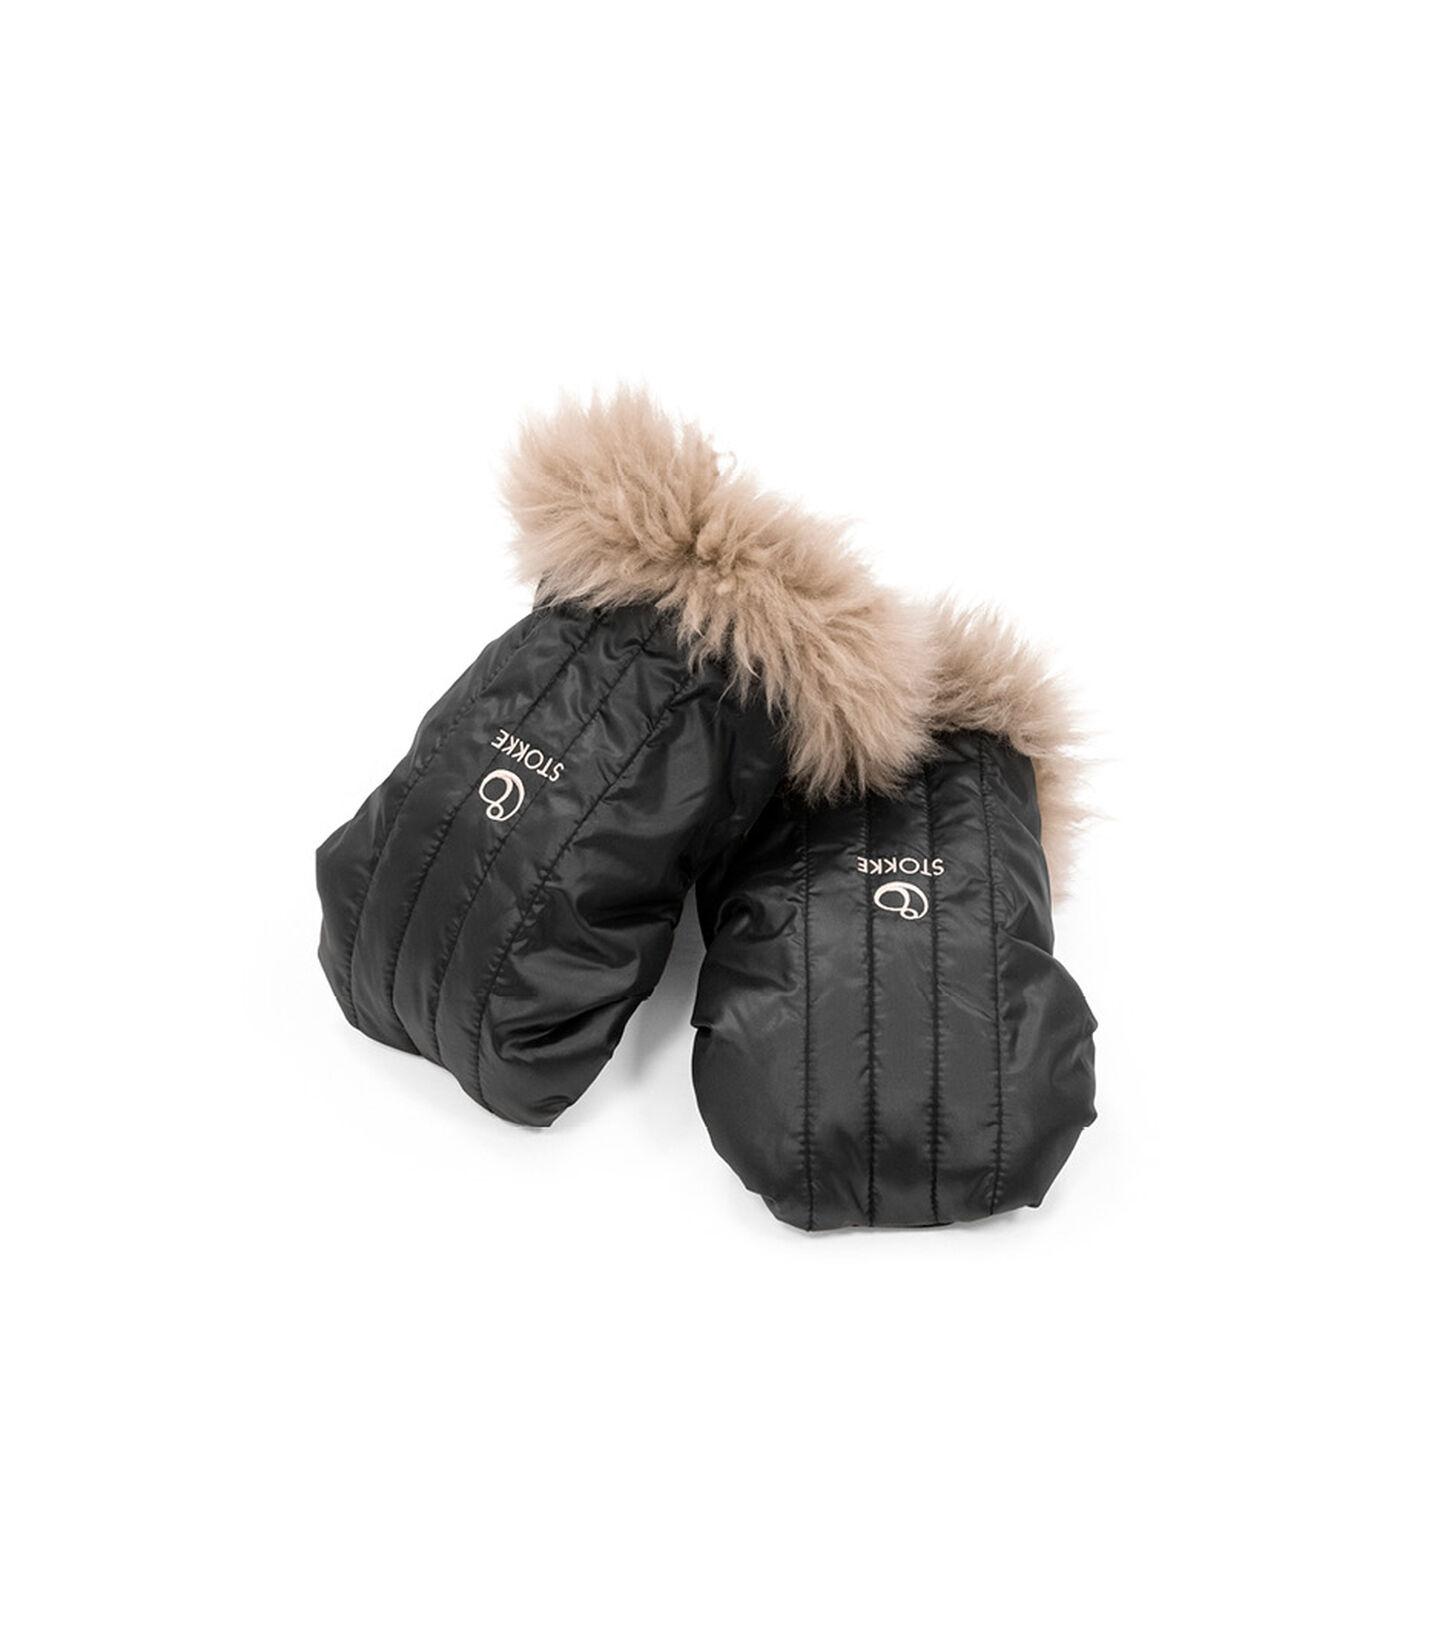 Stokke® Stroller Mittens, Onyx Black. Part of Stokke® Stroller Winter Kit. view 1